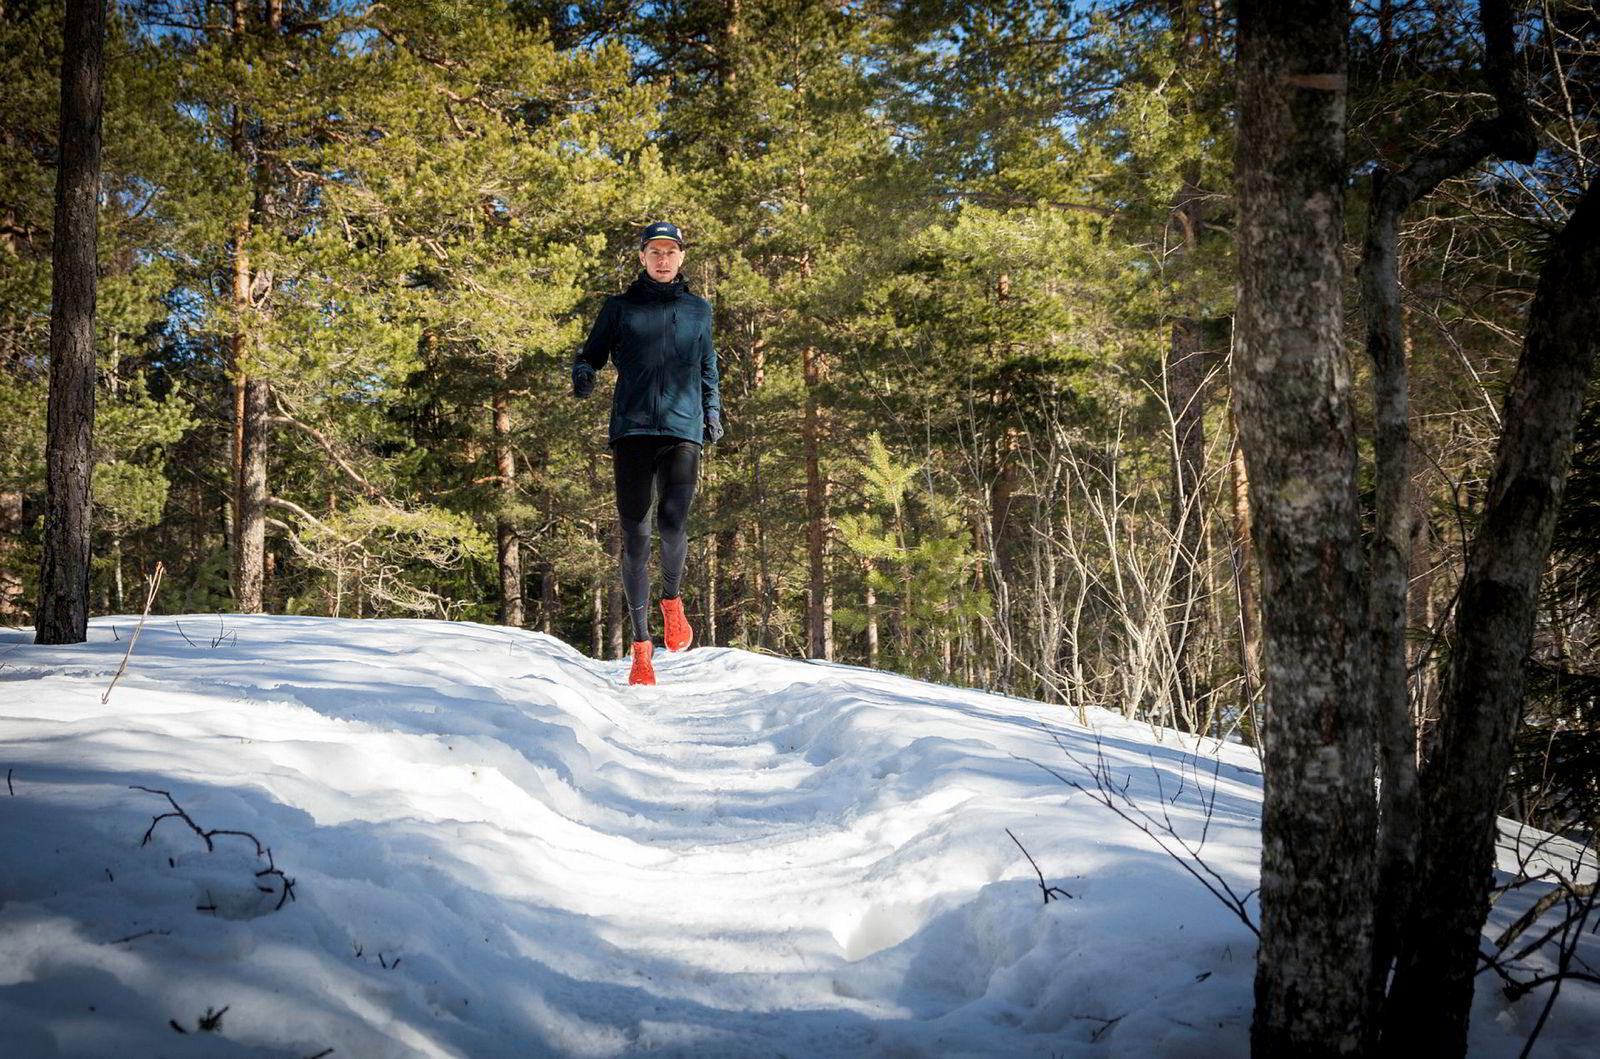 Sist vinter løp Smedsrød hele vinteren på opptråkkede stier i Lillomarka. I år har han variert øktene langt mer og kjørt en del av øktene på tredemølle for å bedre løpesteget. Og nå er forholdene preget av mye snø i skogene rundt Oslo.